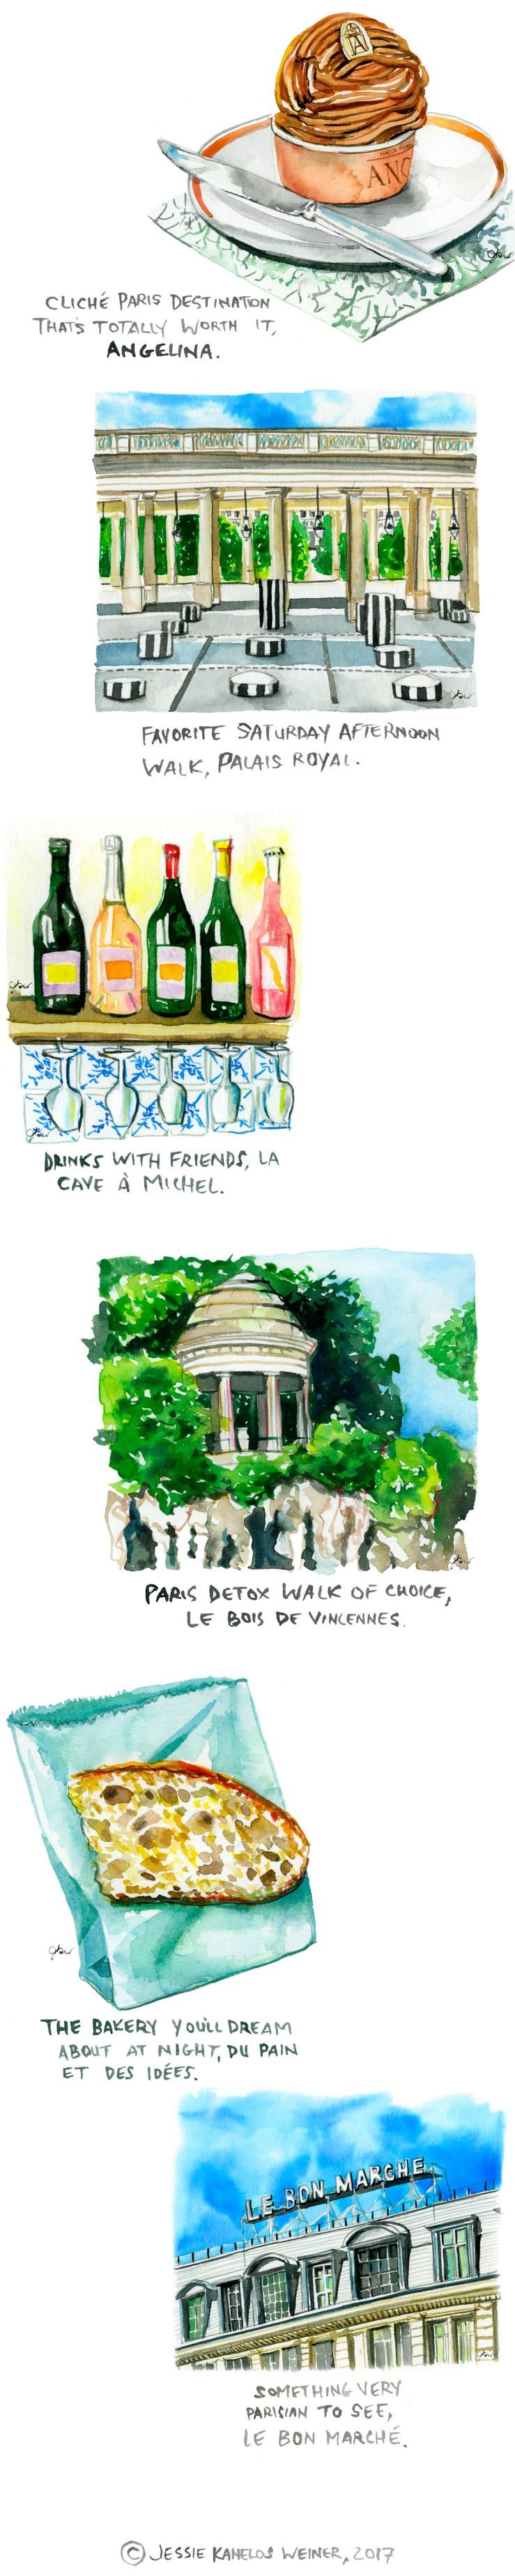 thefrancofly_Paris Guide 2_Jessie Kanelos Weiner